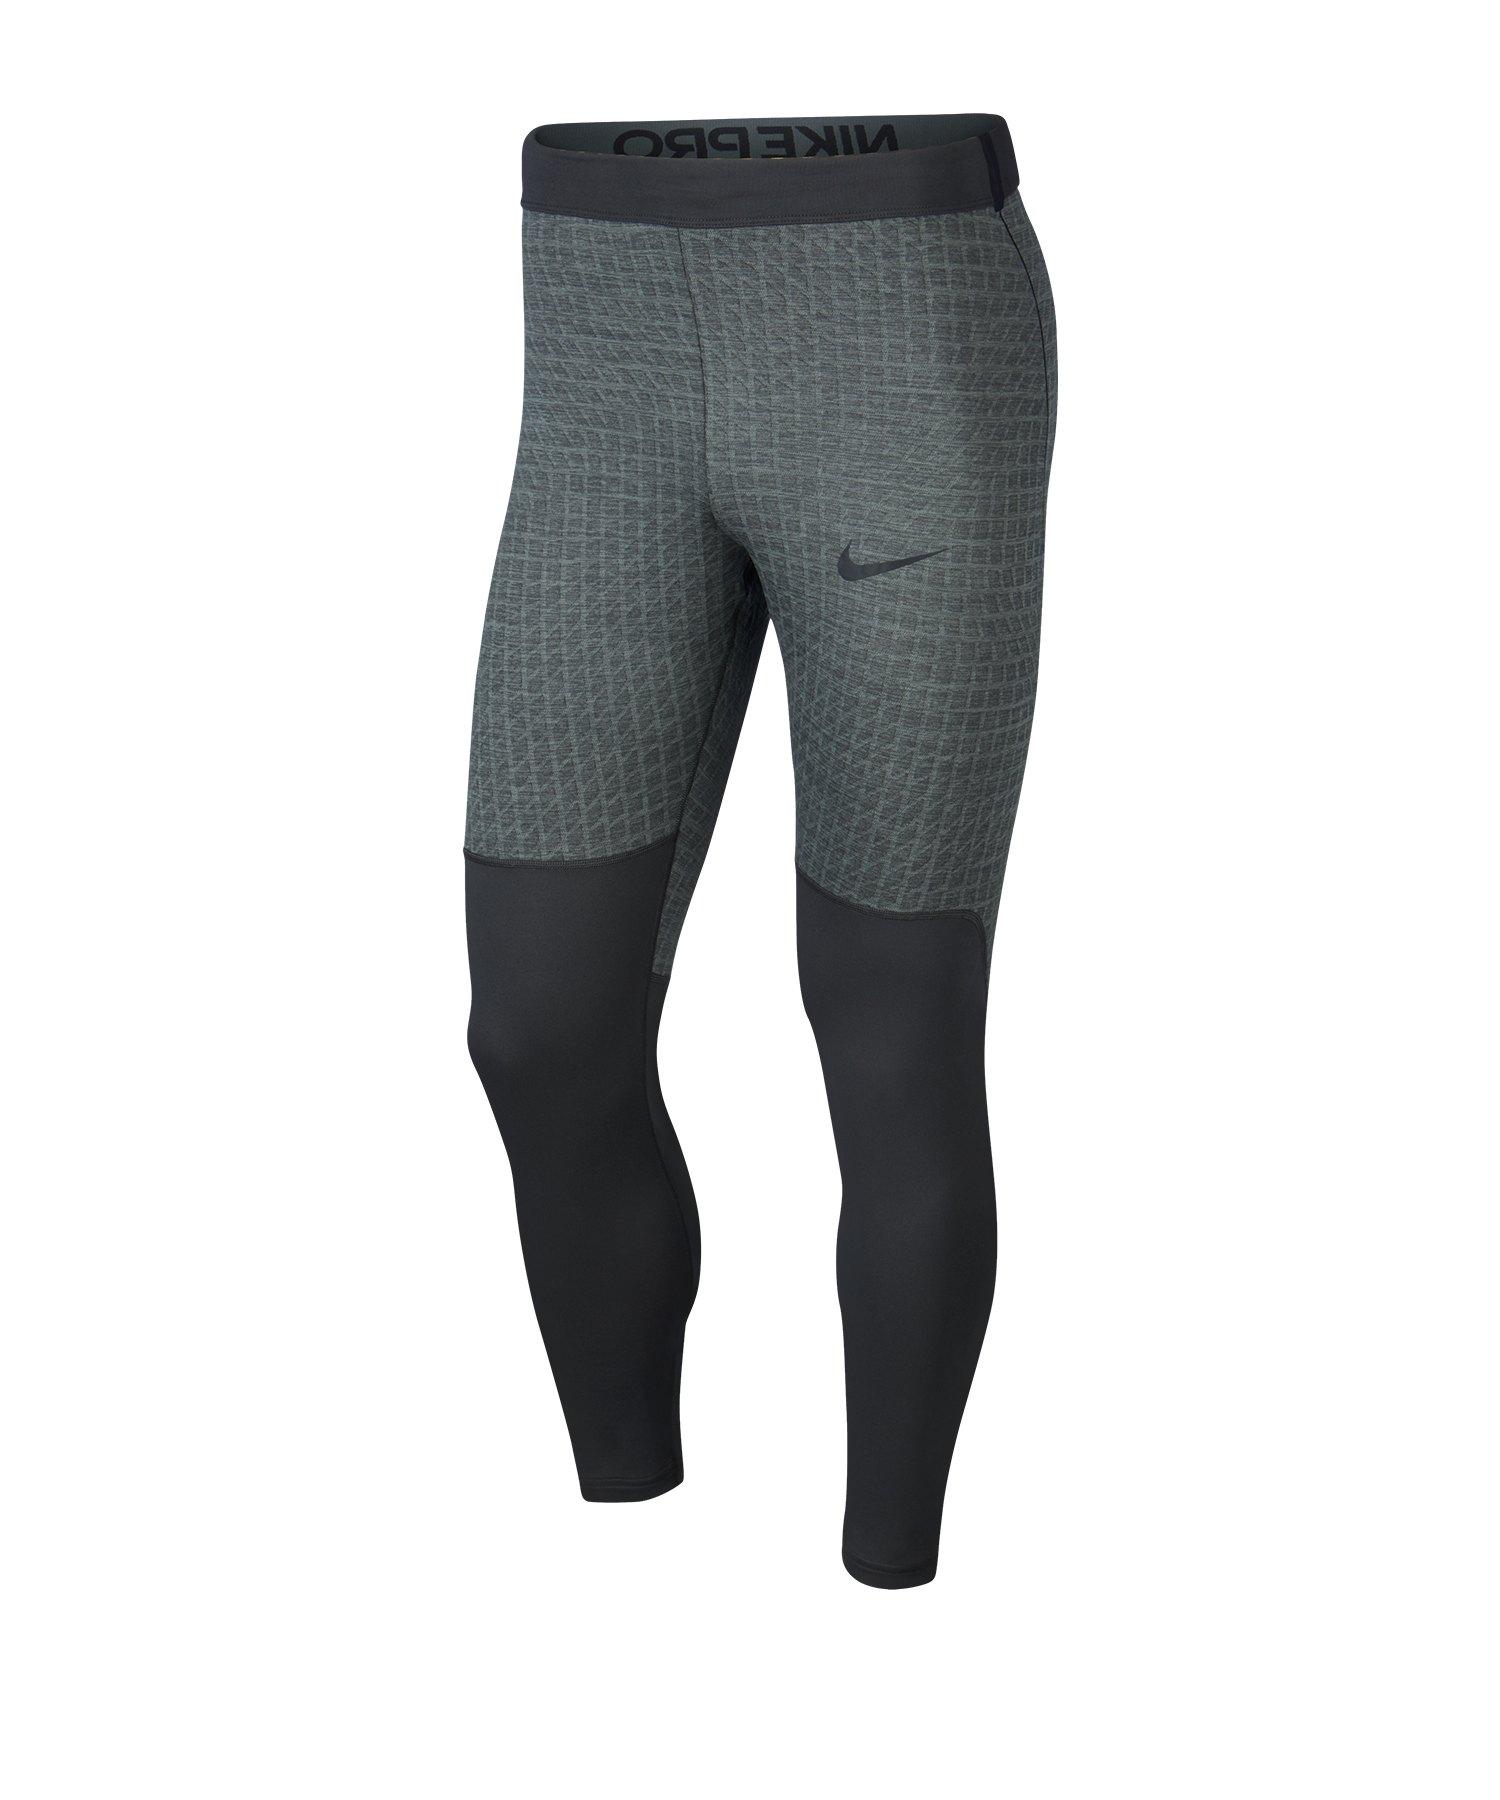 Nike Pro Training Tight Hose lang Grau F084 - grau